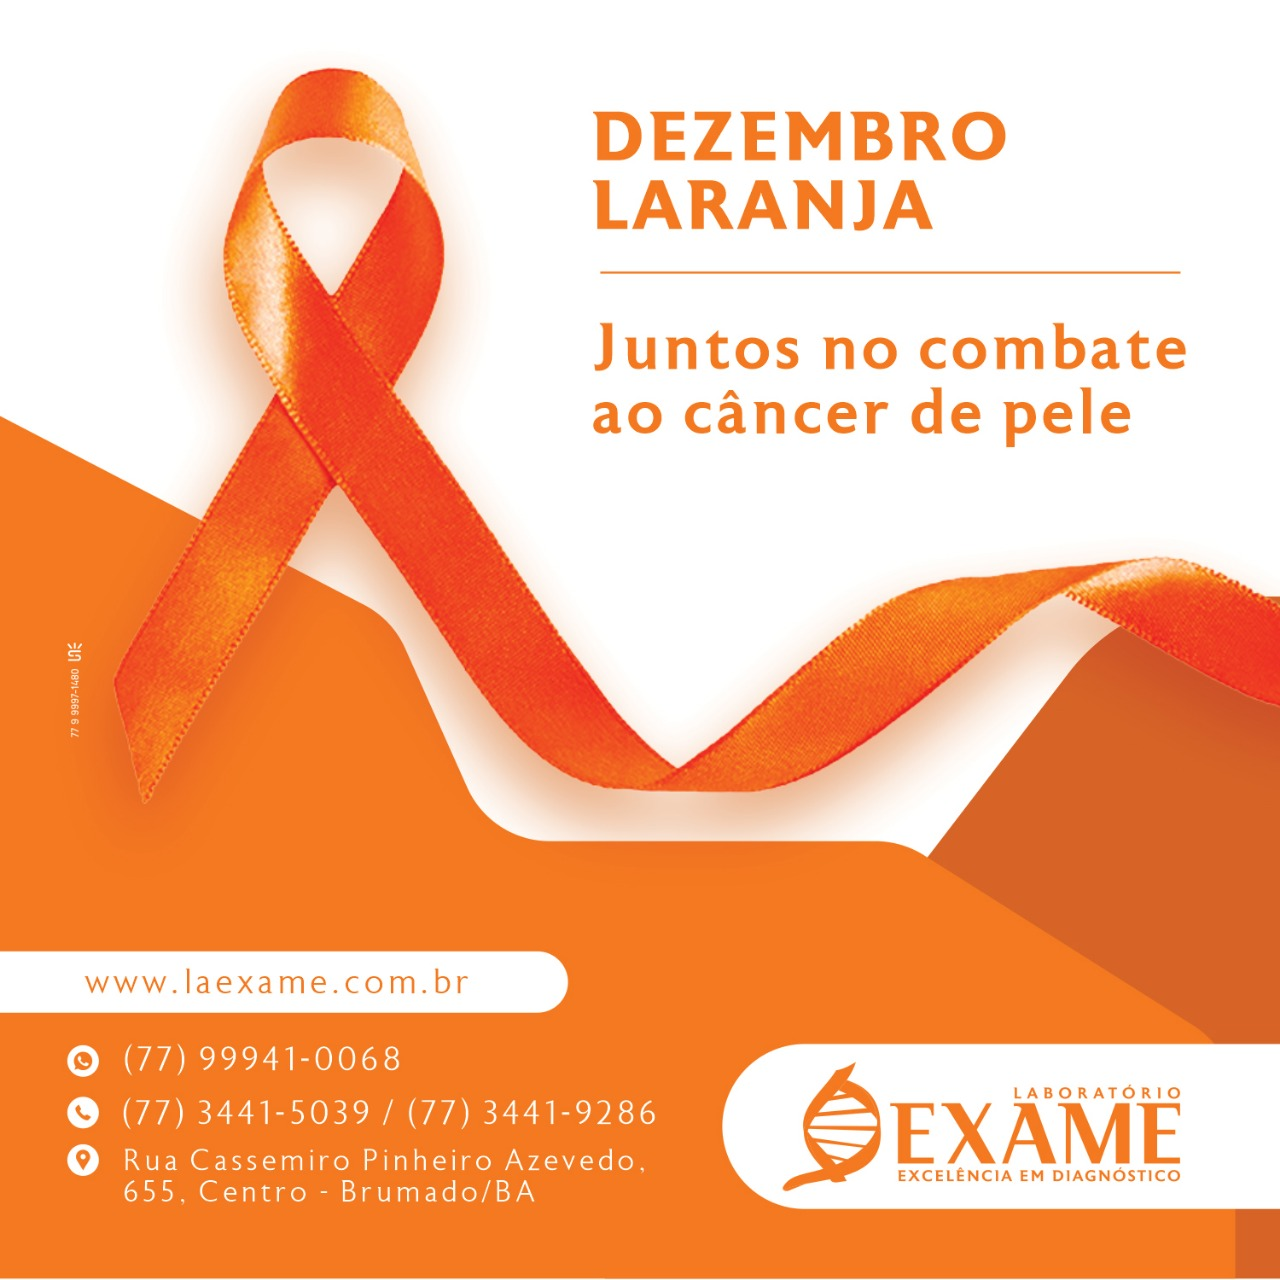 E o calendário continua colorido! No mês de dezembro, a cor é laranja. Mês de prevenir e alertar sobre o câncer de pele.